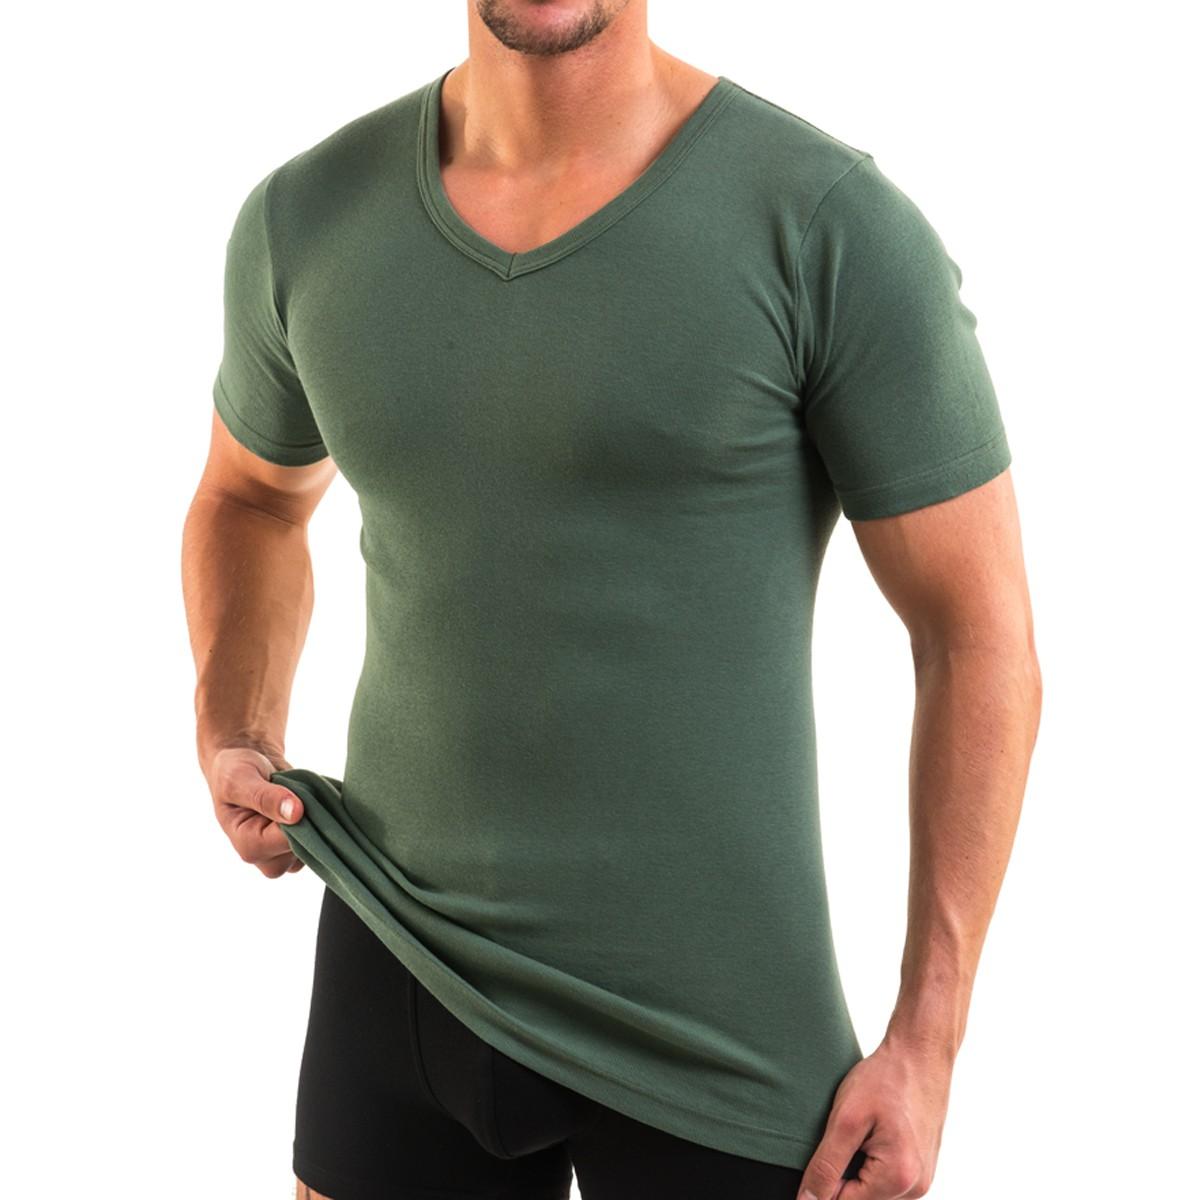 HERMKO 4880 Herren kurzarm Shirt, V-Ausschnitt   HERMKO - Wäsche zum ... 824ccbabe4